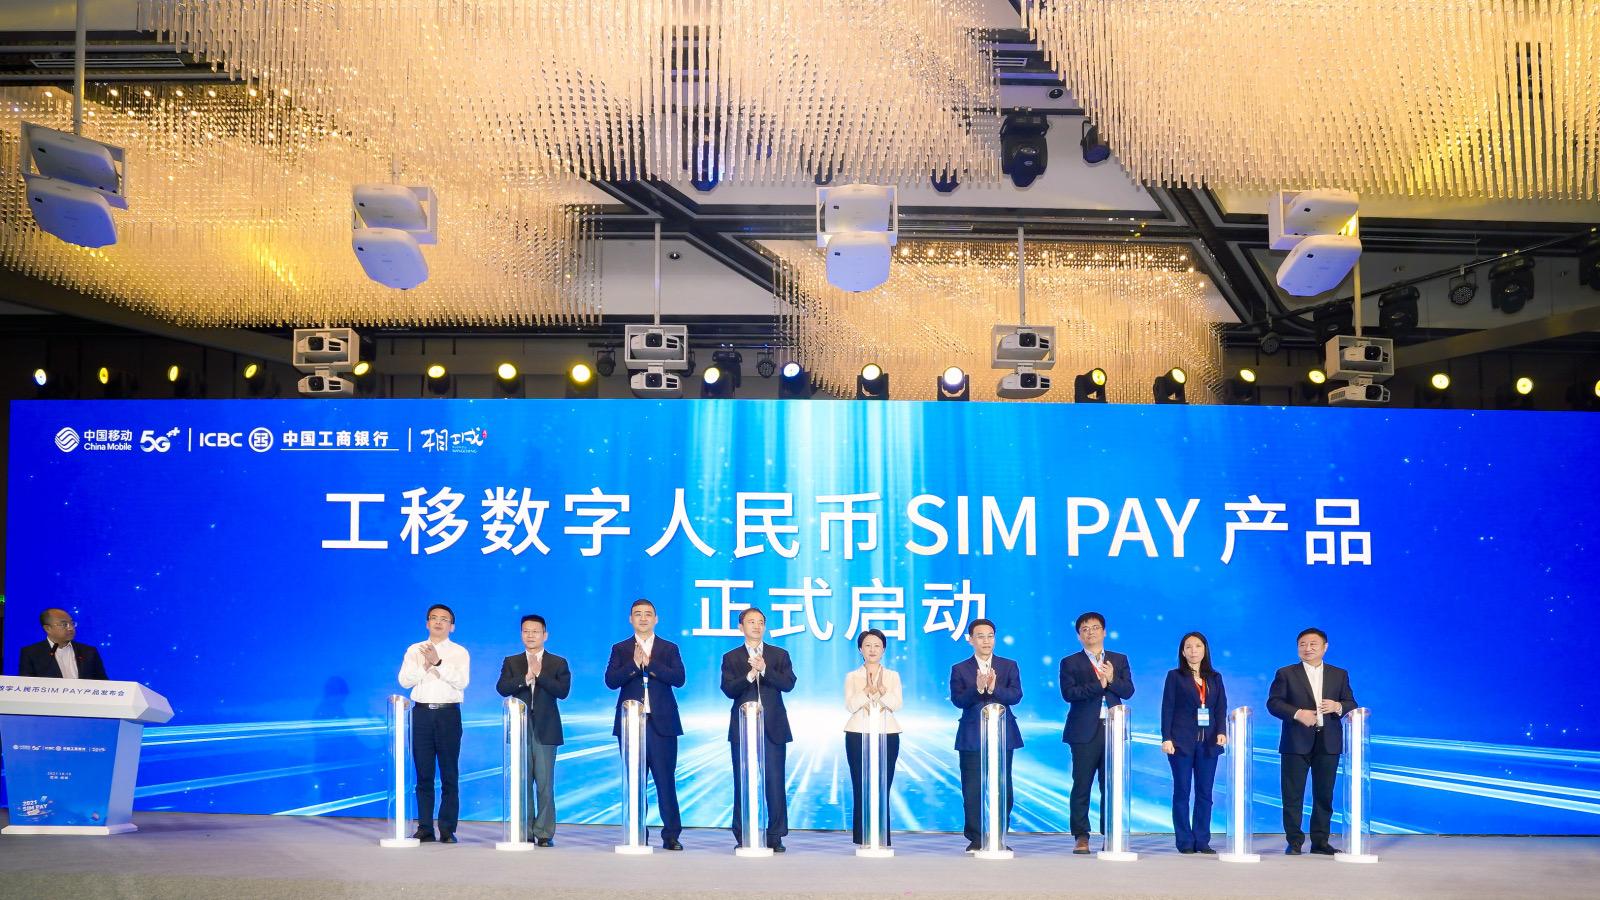 中国移动携手工商银行发布工移数字人民币SIM PAY产品,实现便捷化支付